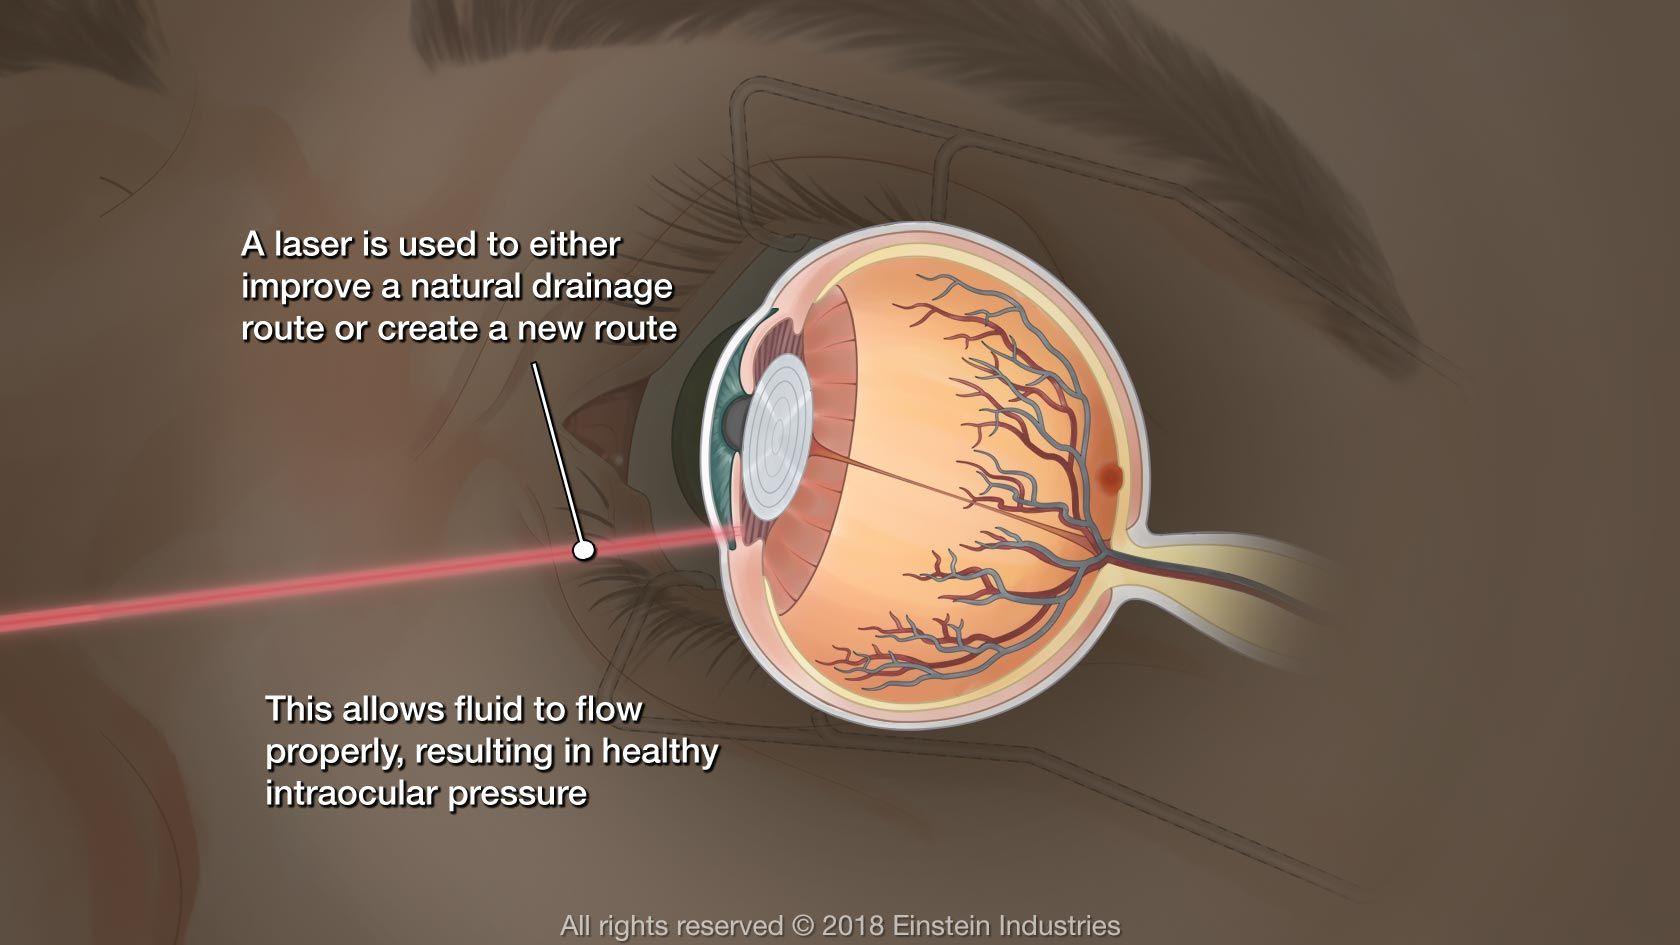 Illustration of eye undergoing laser glaucoma surgery